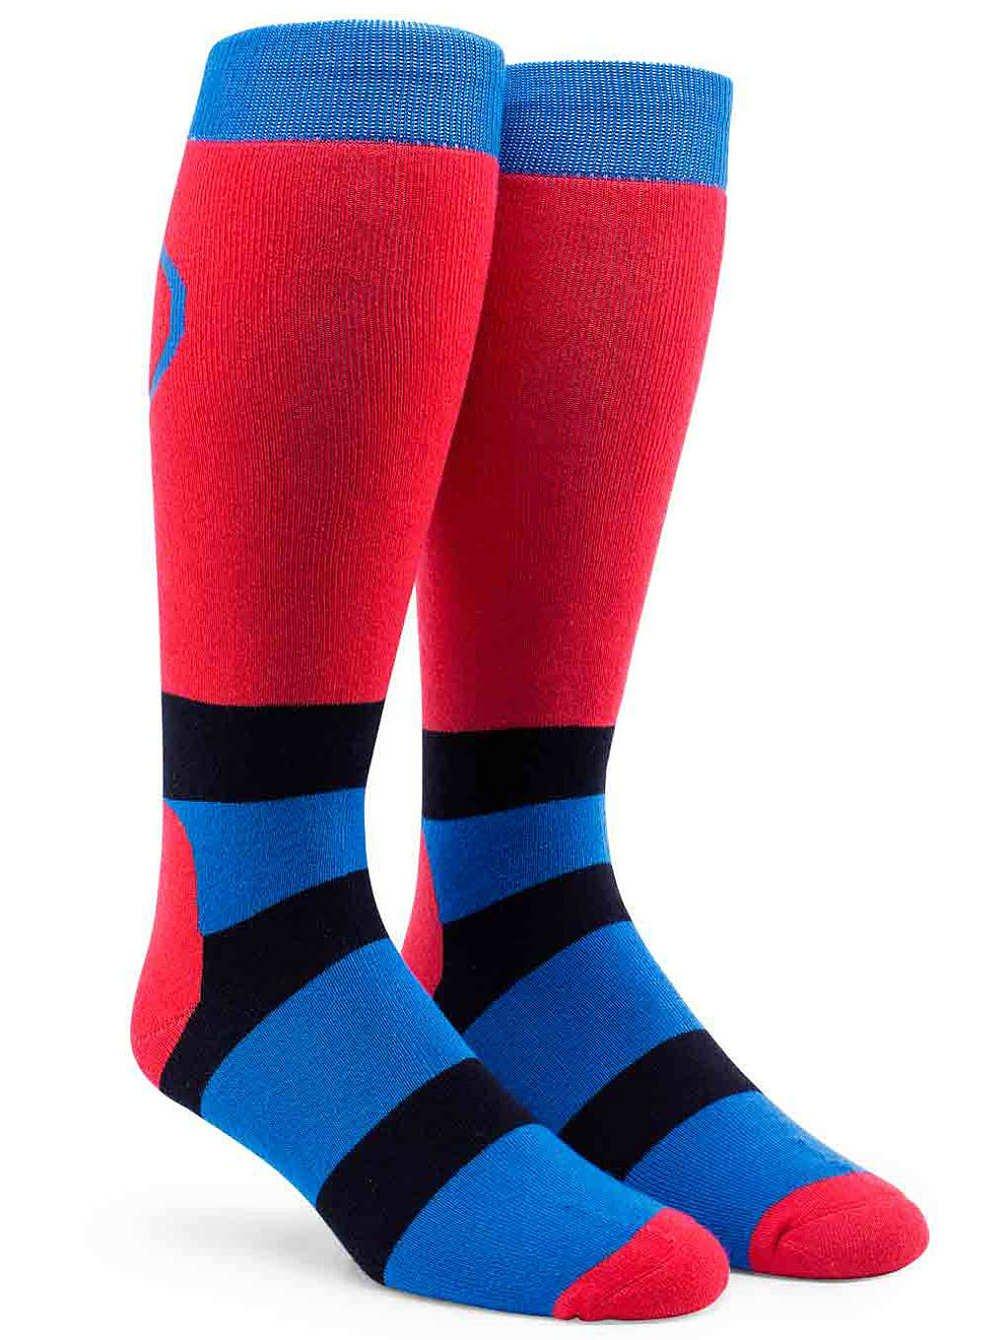 Hombre Calcetines Volcom Ryder Función Calcetines, color fire red, tamaño LXL: Amazon.es: Deportes y aire libre